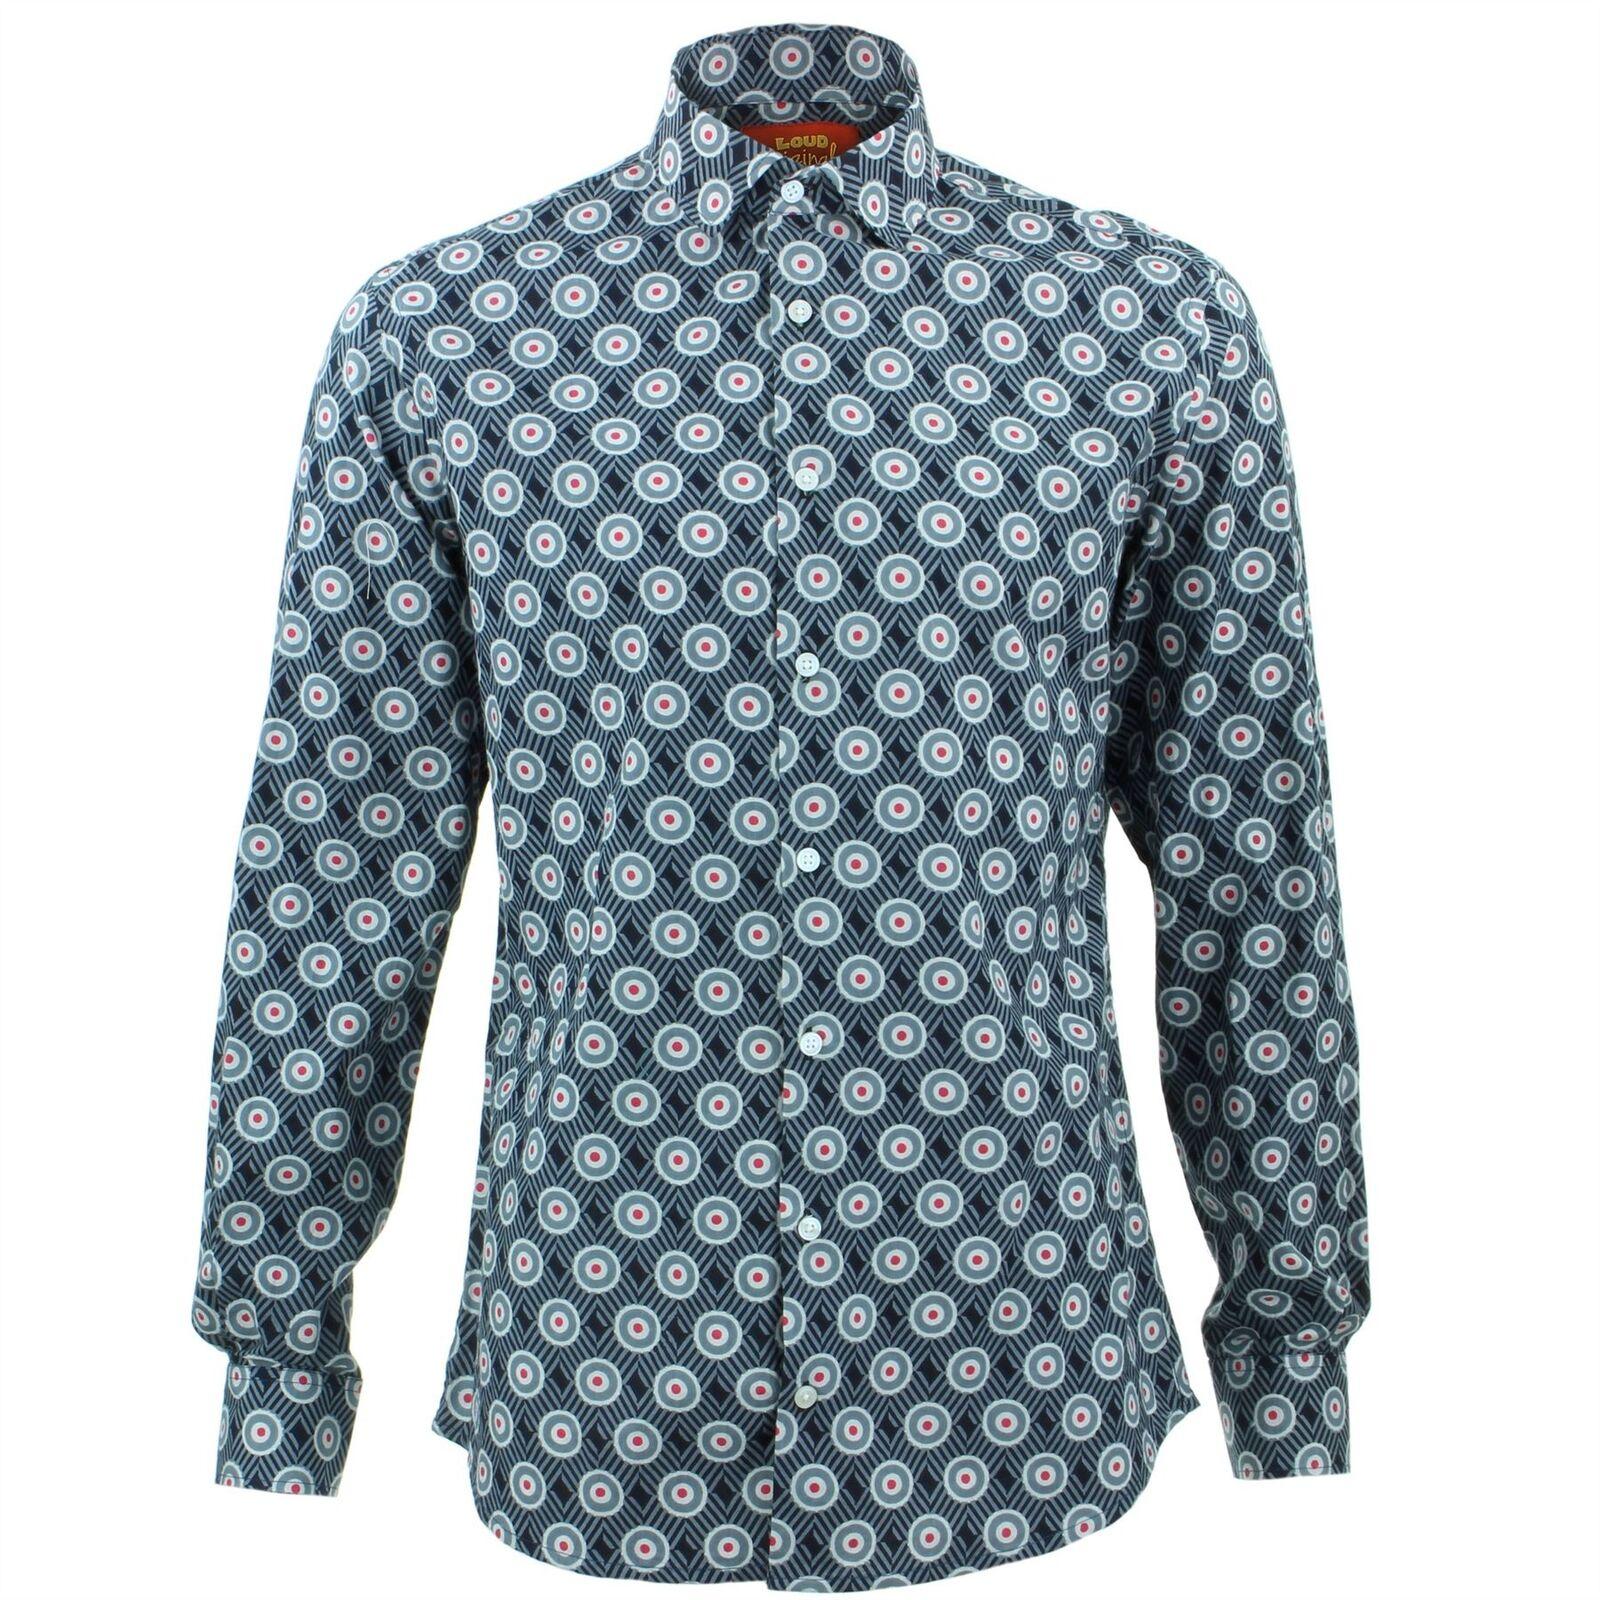 Uomo Taglio Classico Bianco Twill Lavabile Cotone Camicia Camicie Classiche Abbigliamento E Accessori